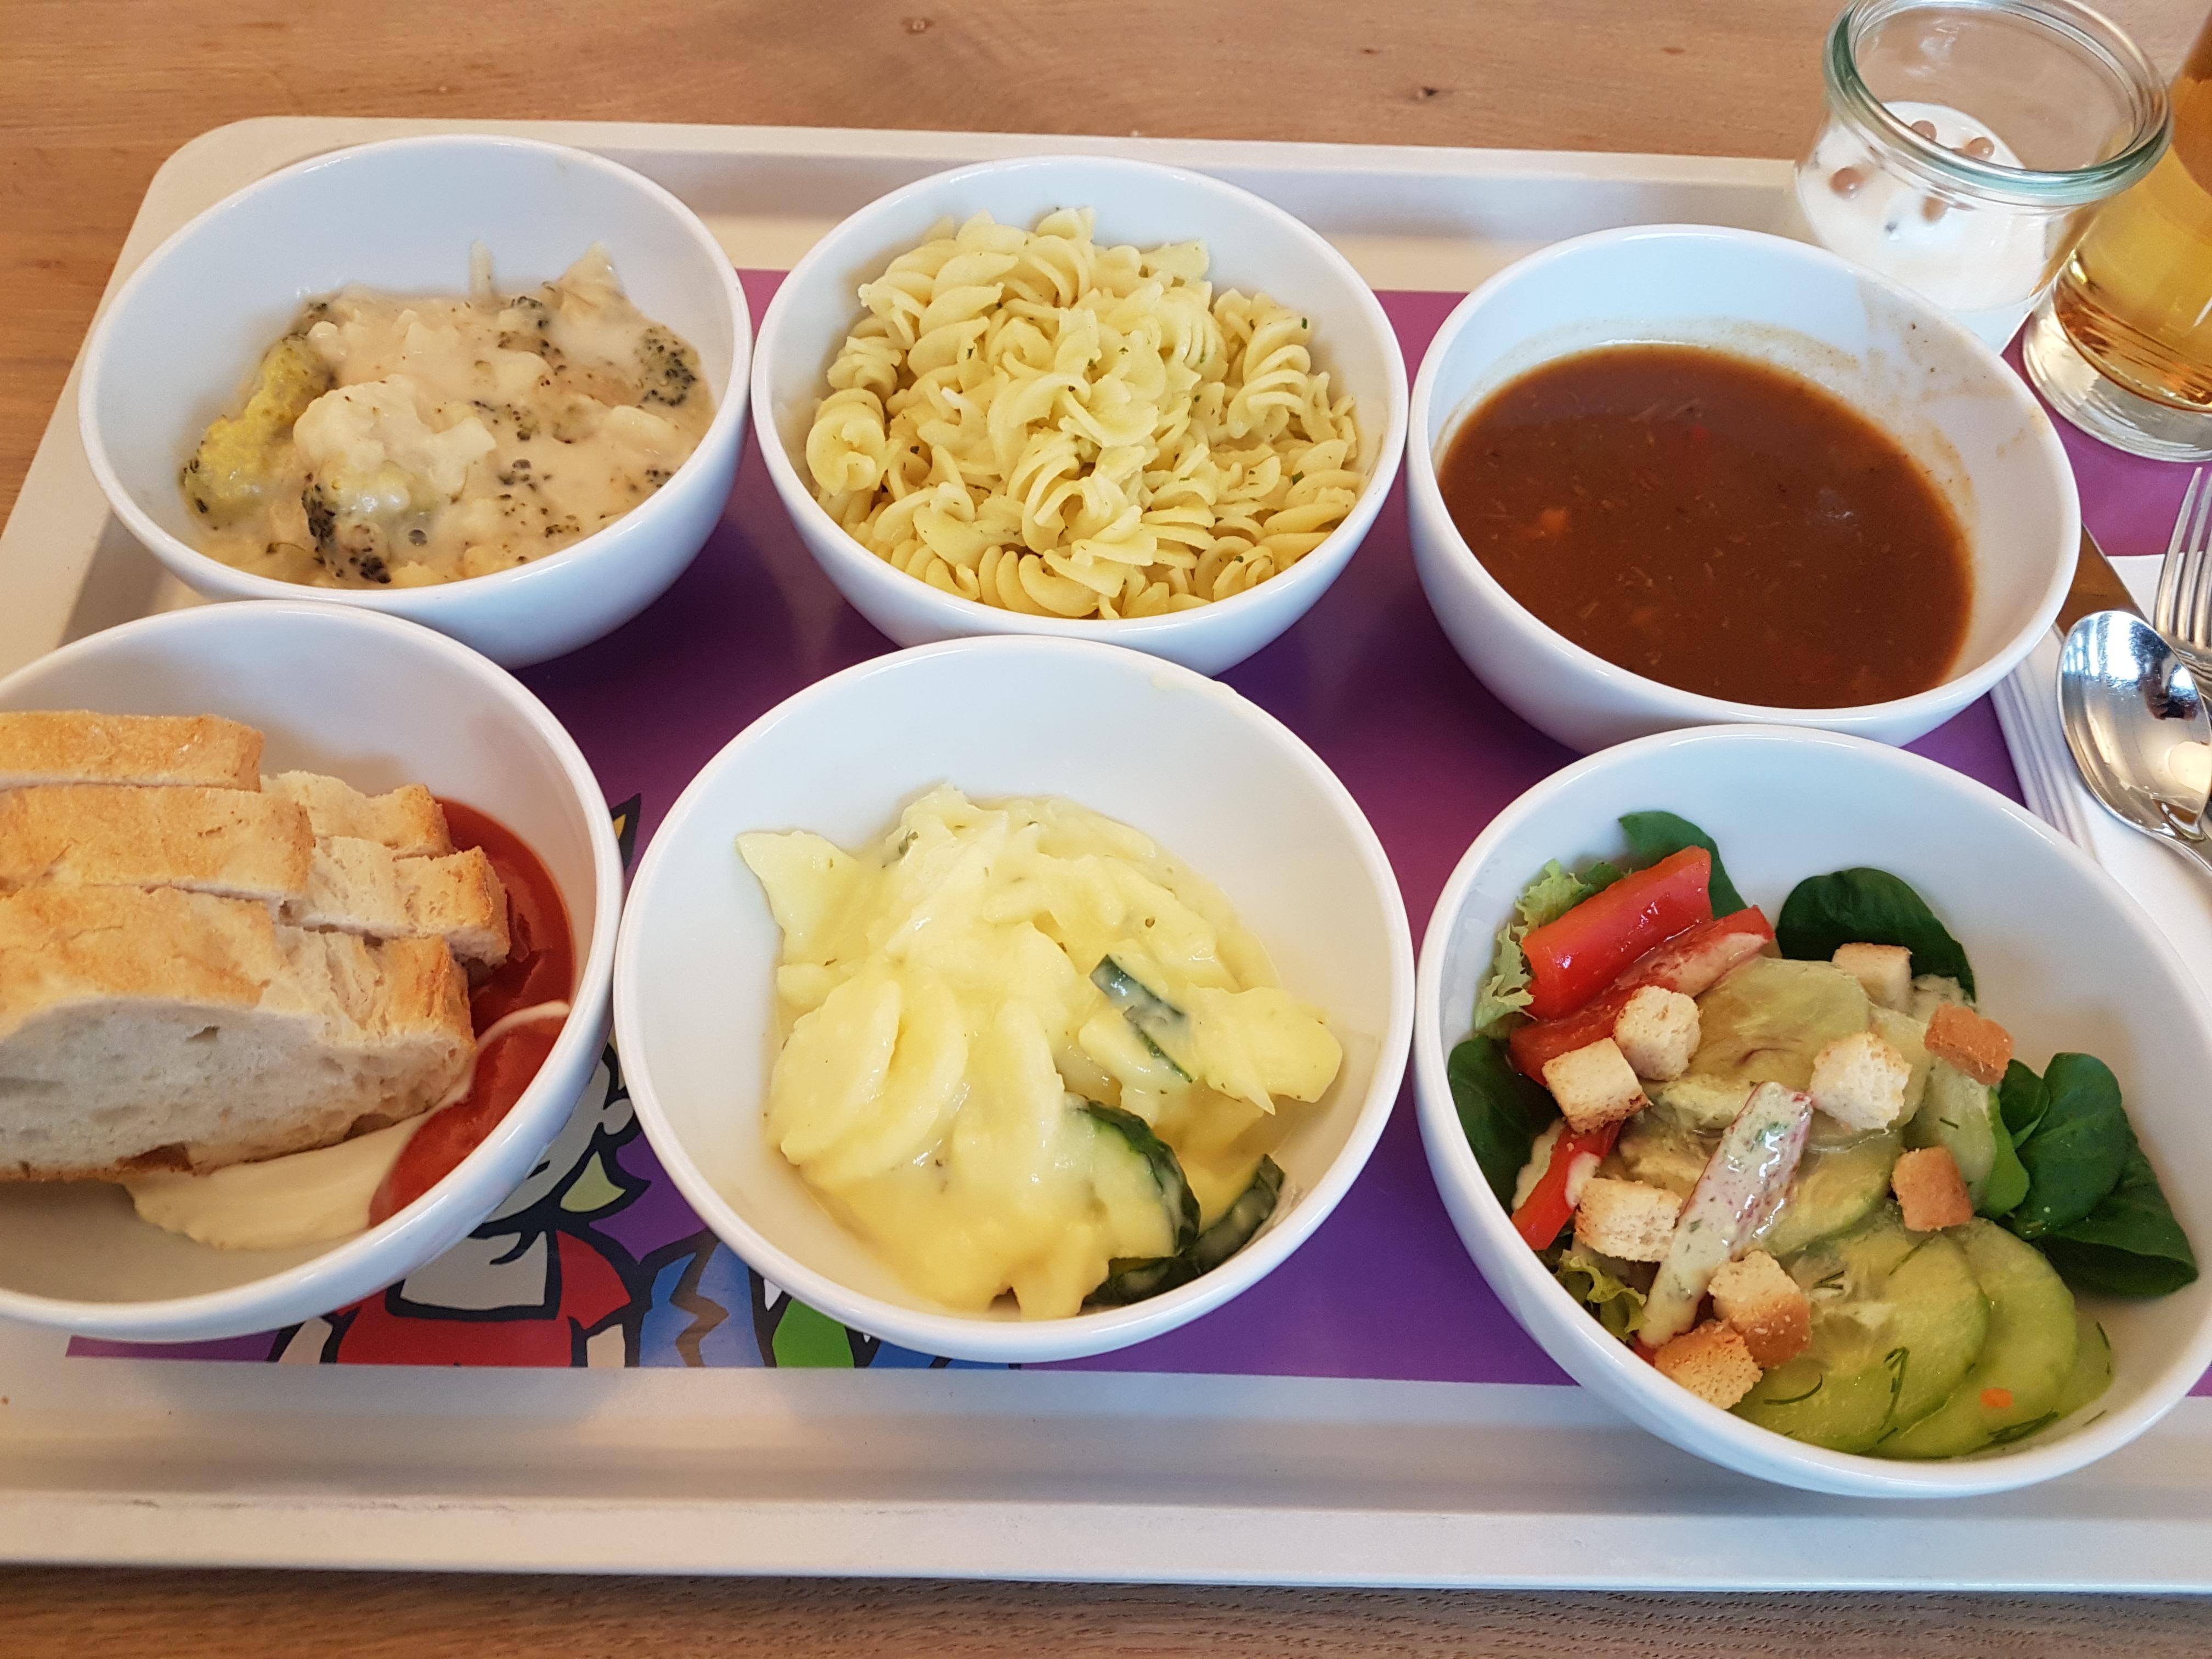 https://foodloader.net/Holz_2017-12-22_Mix.jpg